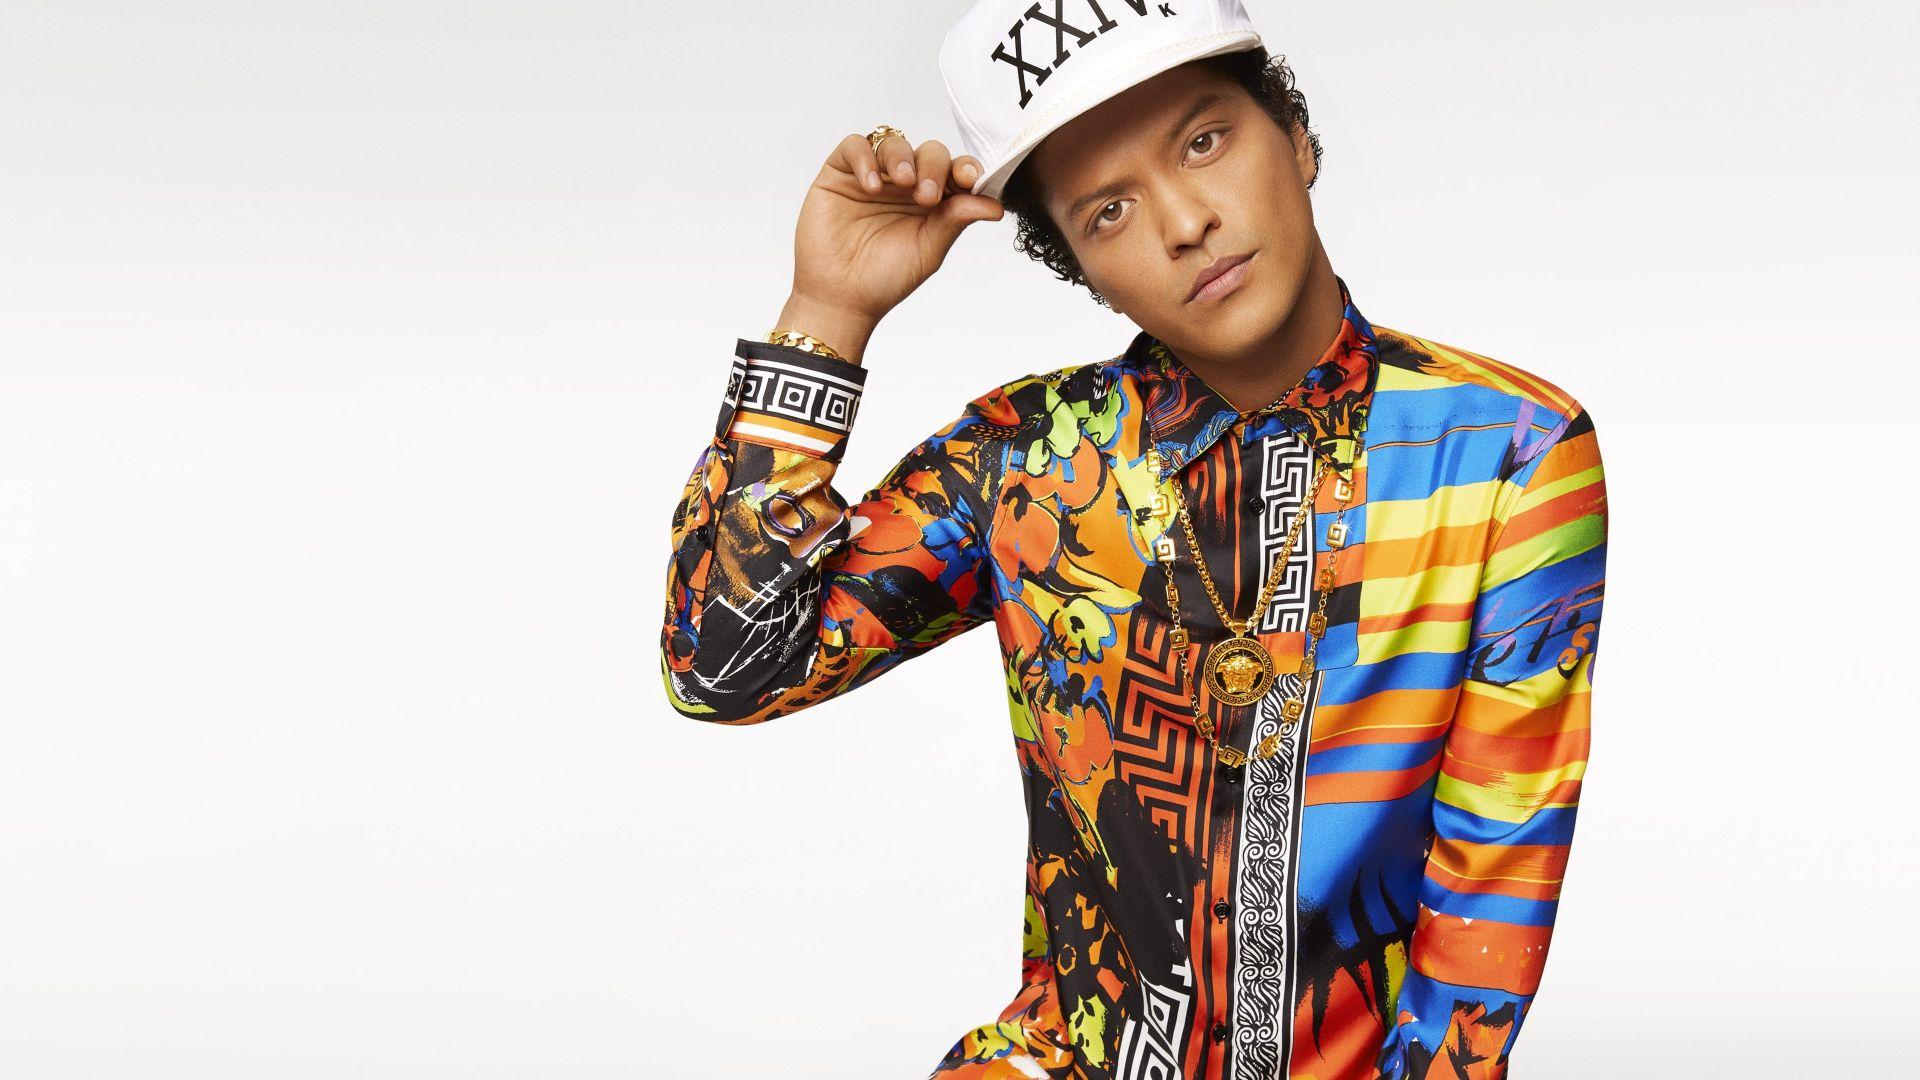 Wallpaper Bruno Mars, Photo, 4k, Celebrities #14884